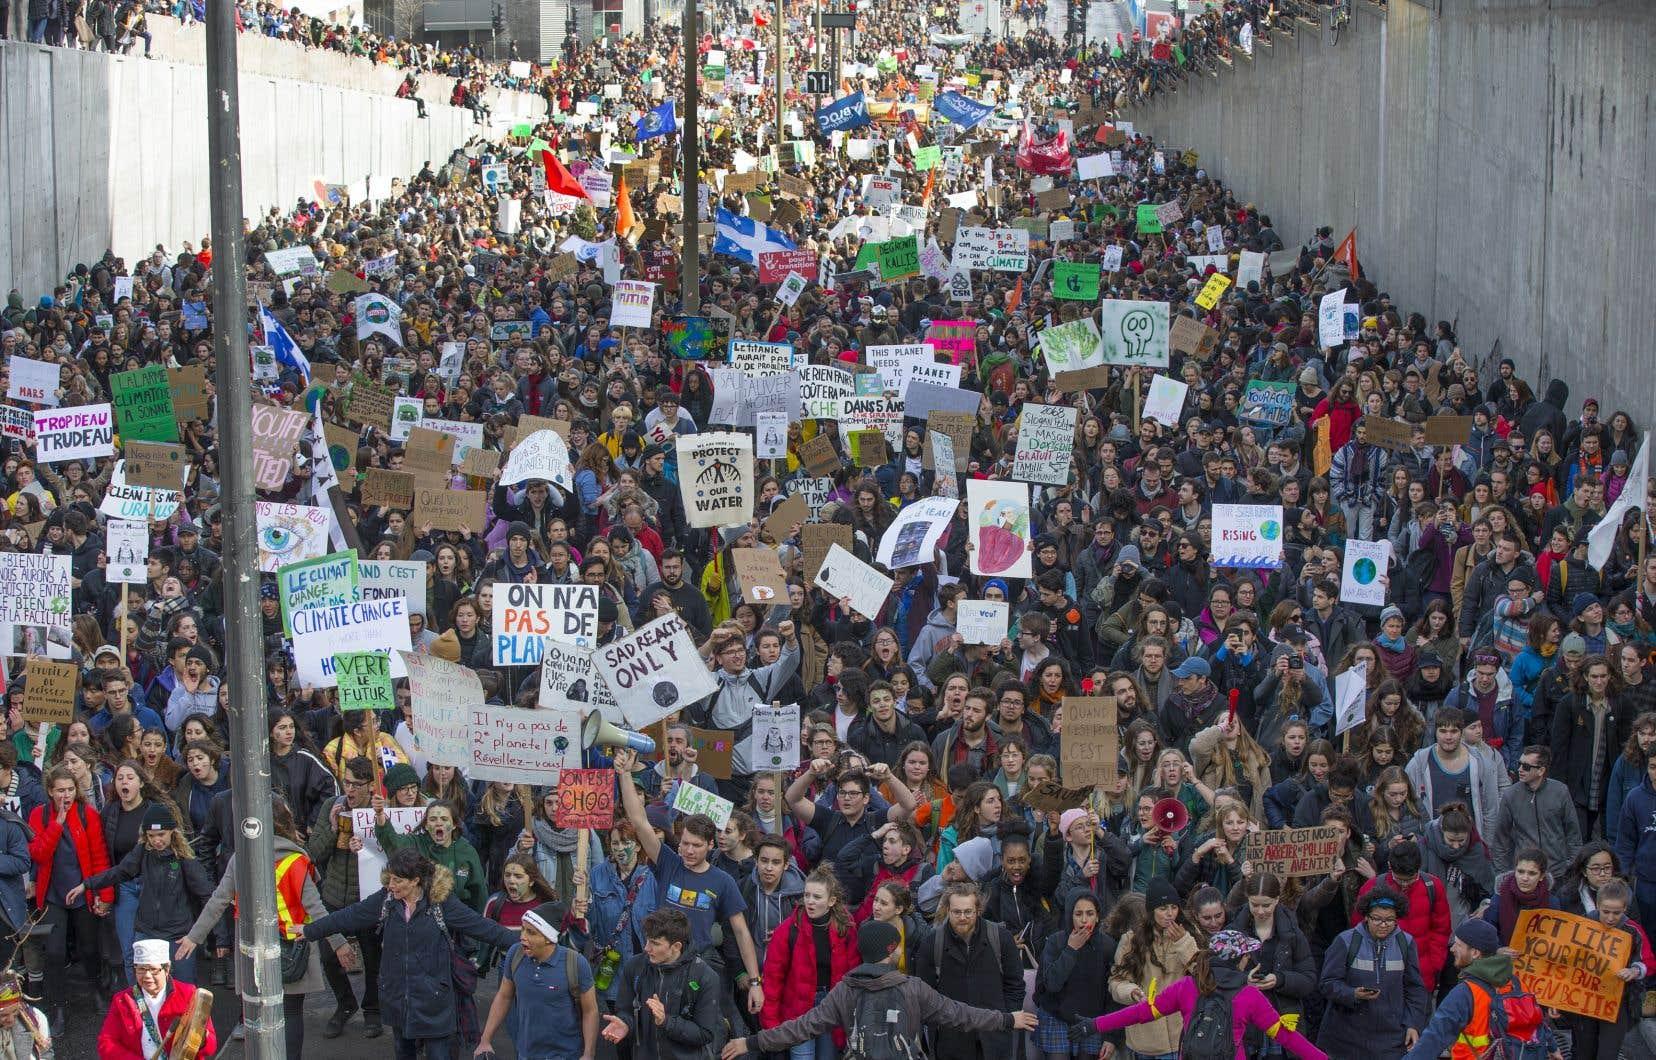 Québec solidaire proposé de libérer les élus de leurs obligations pour leur permettre de participer à la grande marche pour le climat, tenue dans les rues de Montréal et ailleurs au Québec.Sur la photo, la marche des jeunes pour le climat de mars dernier